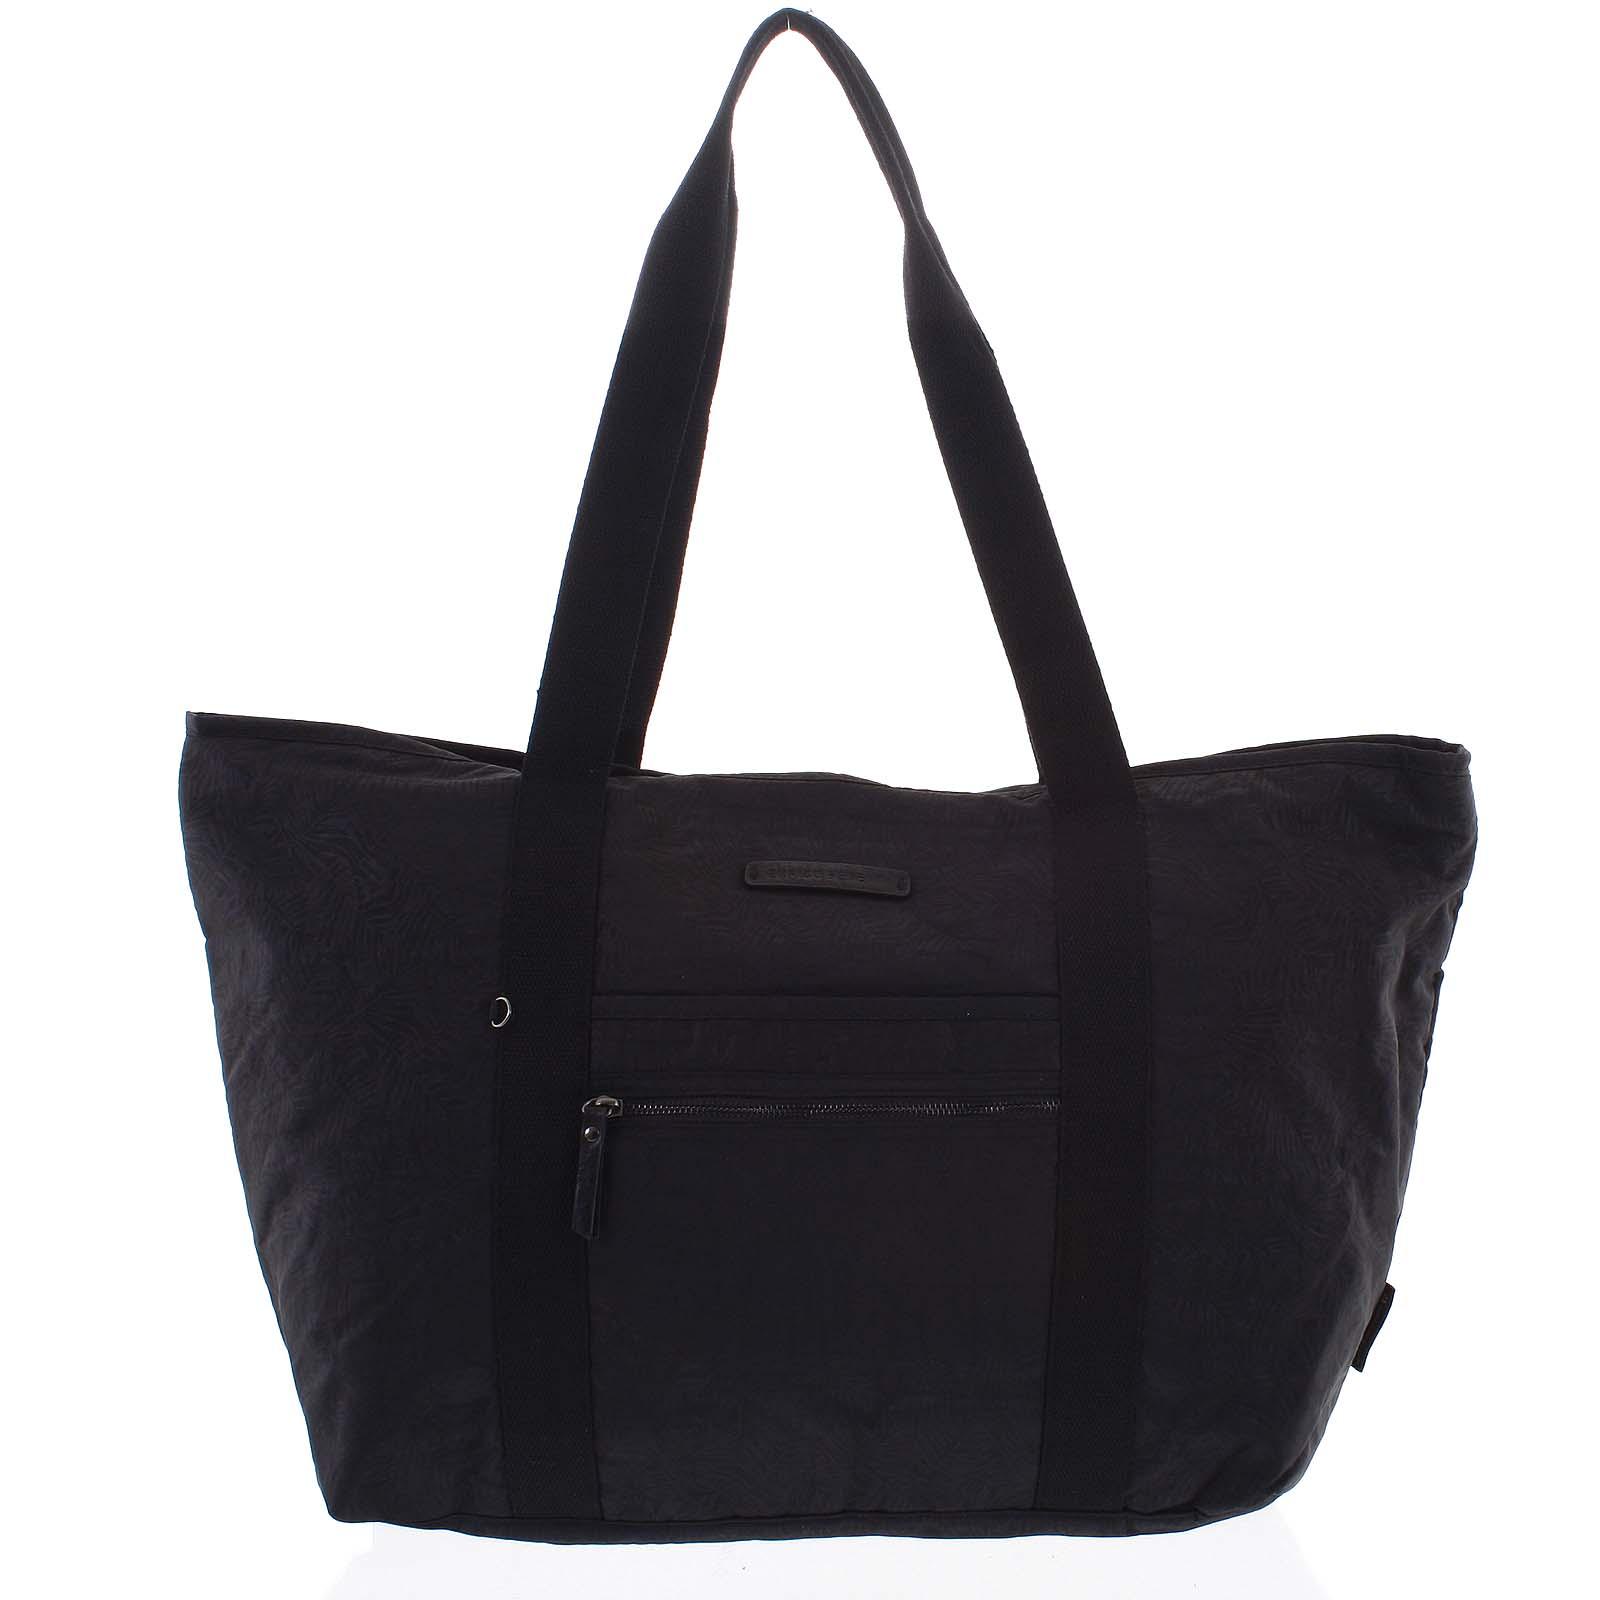 Velká dámská cestovní taška přes rameno černá - Enrico Benetti Mariam